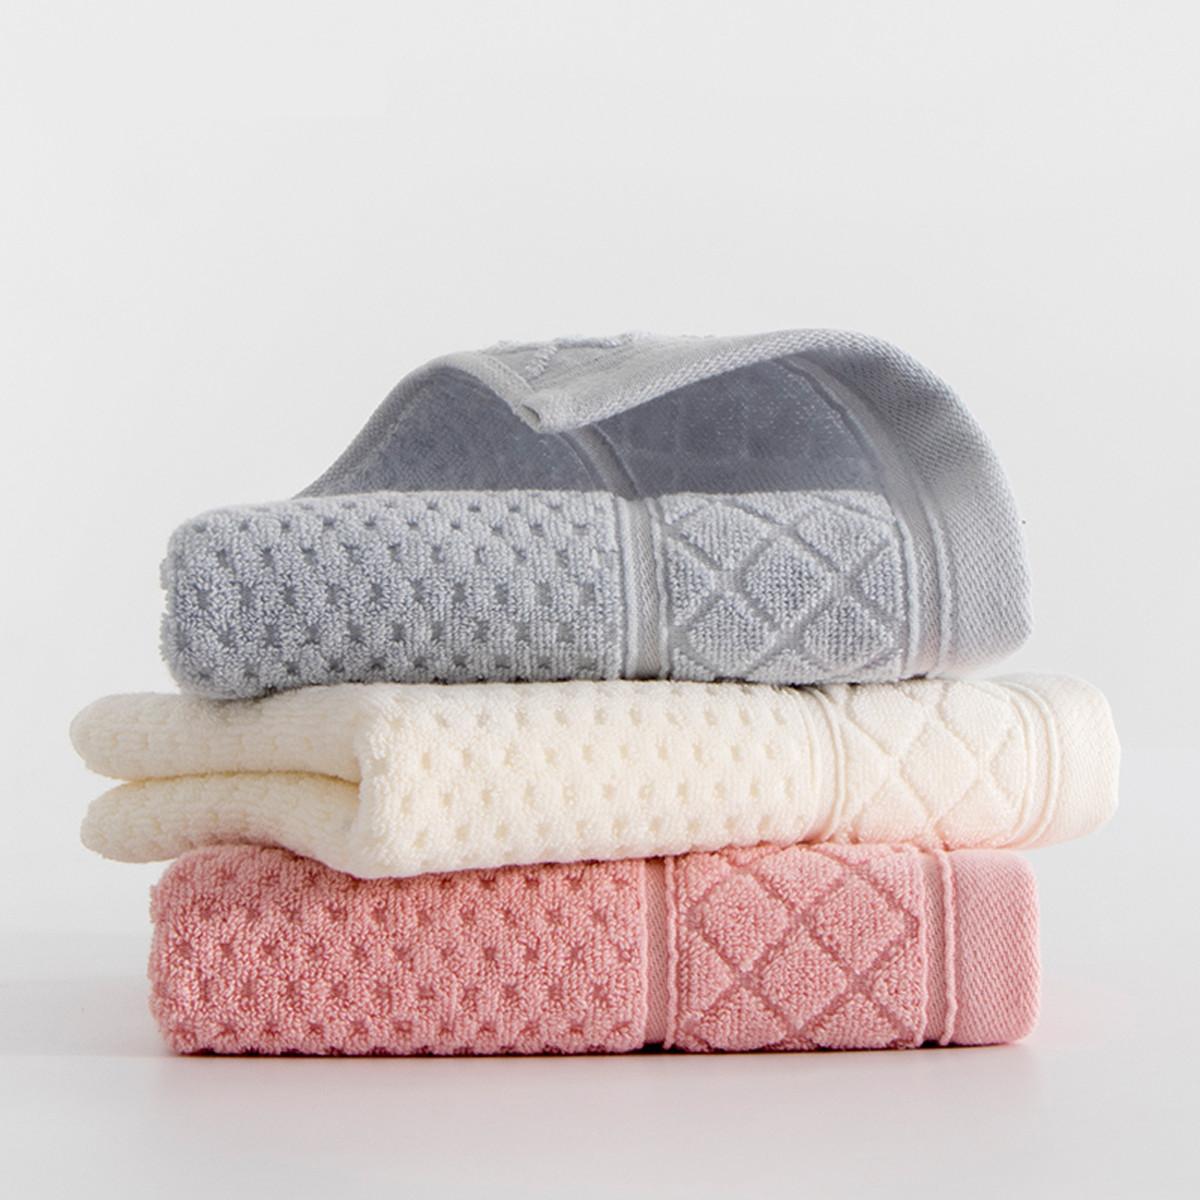 3条装纯棉加厚全棉洗脸家用成人儿童吸水男女情侣大毛巾面巾